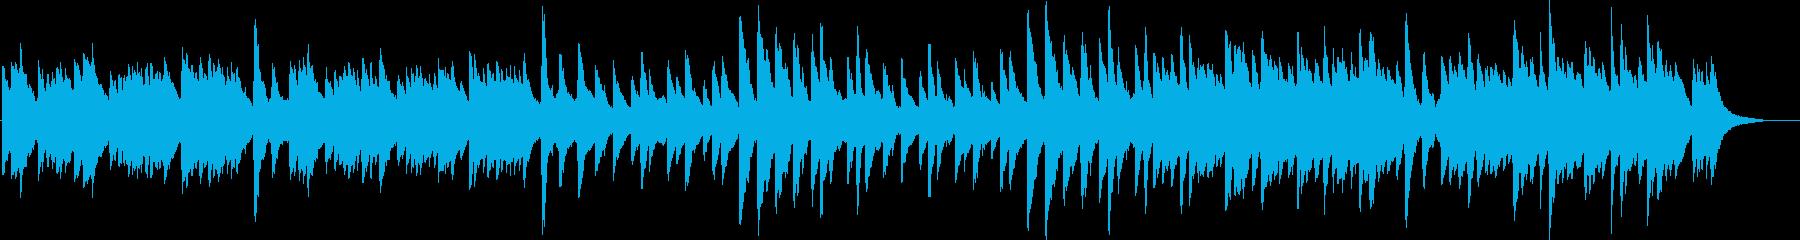 ハープとオルゴールの寂しげな曲の再生済みの波形